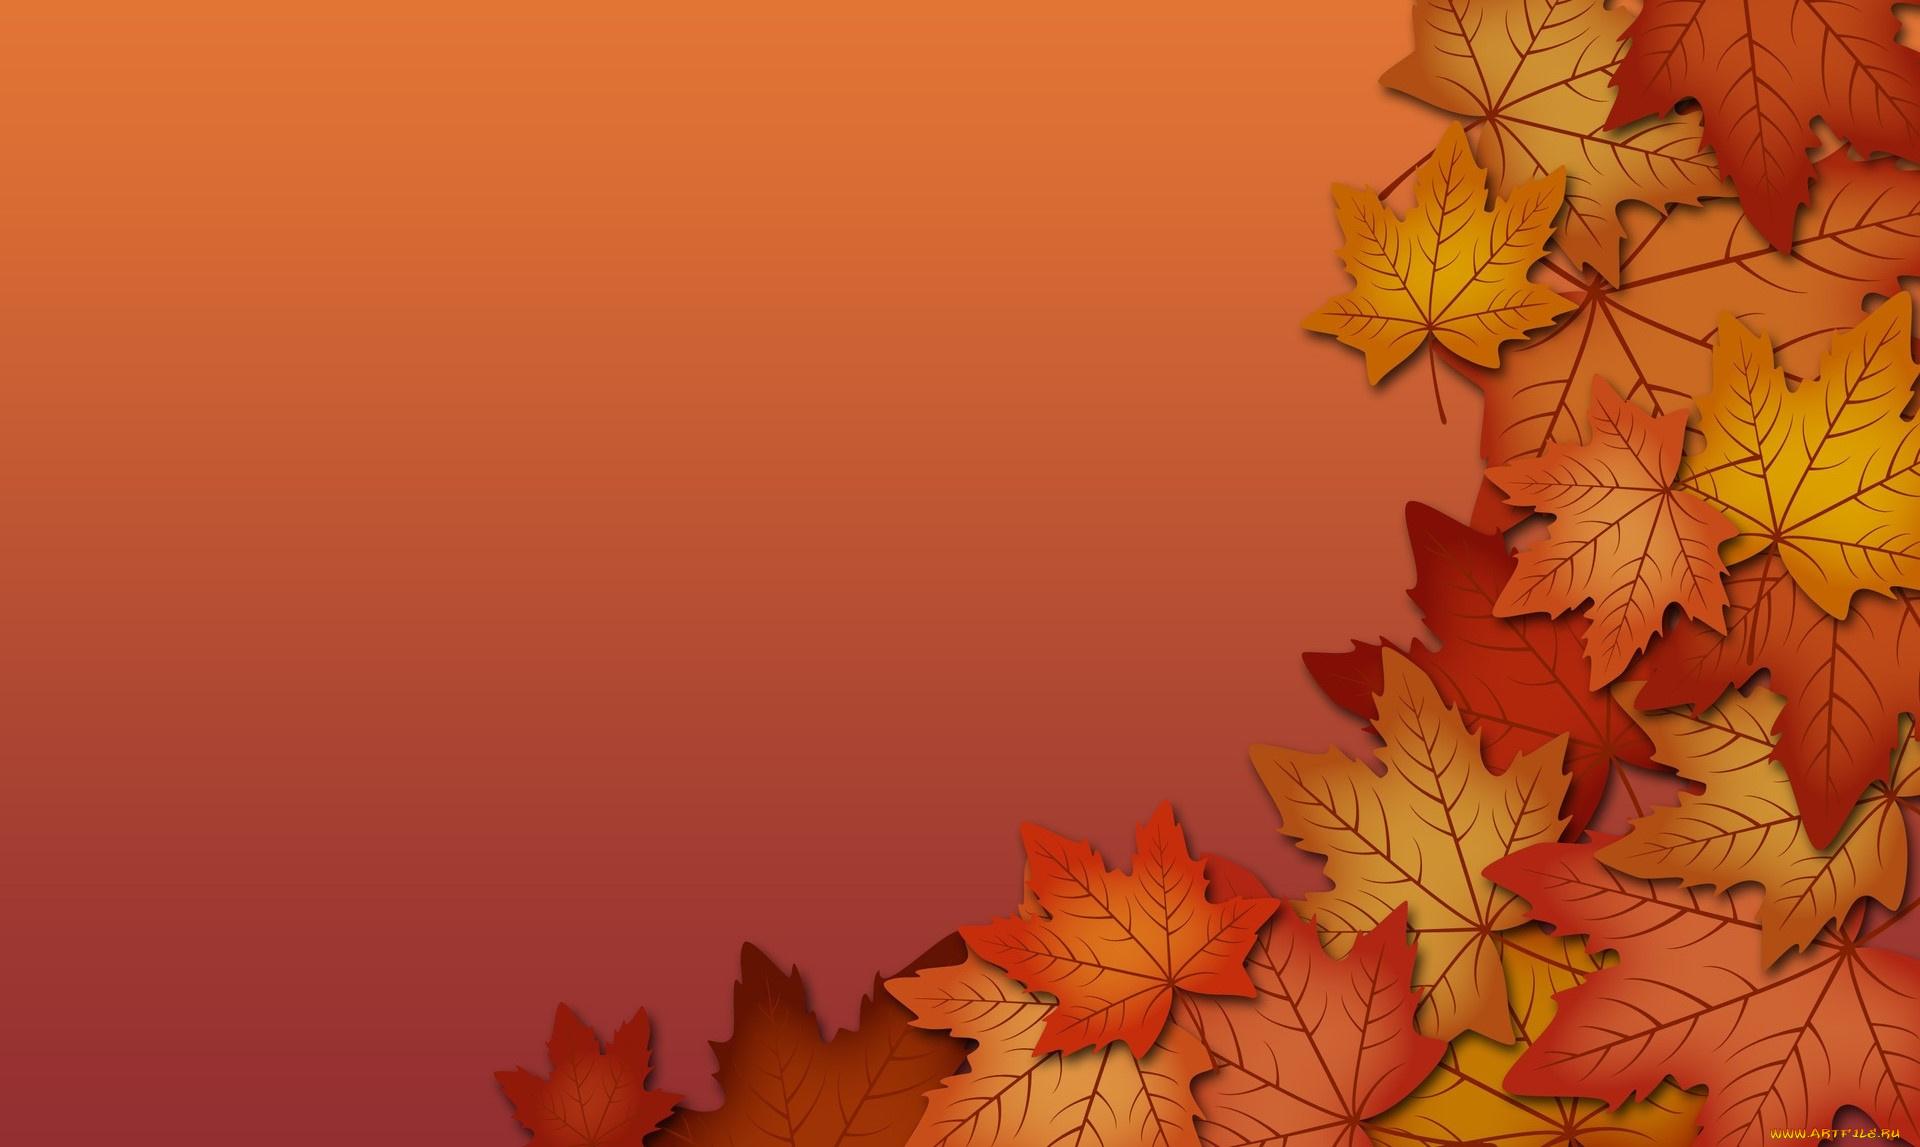 Картинки на презентацию осень